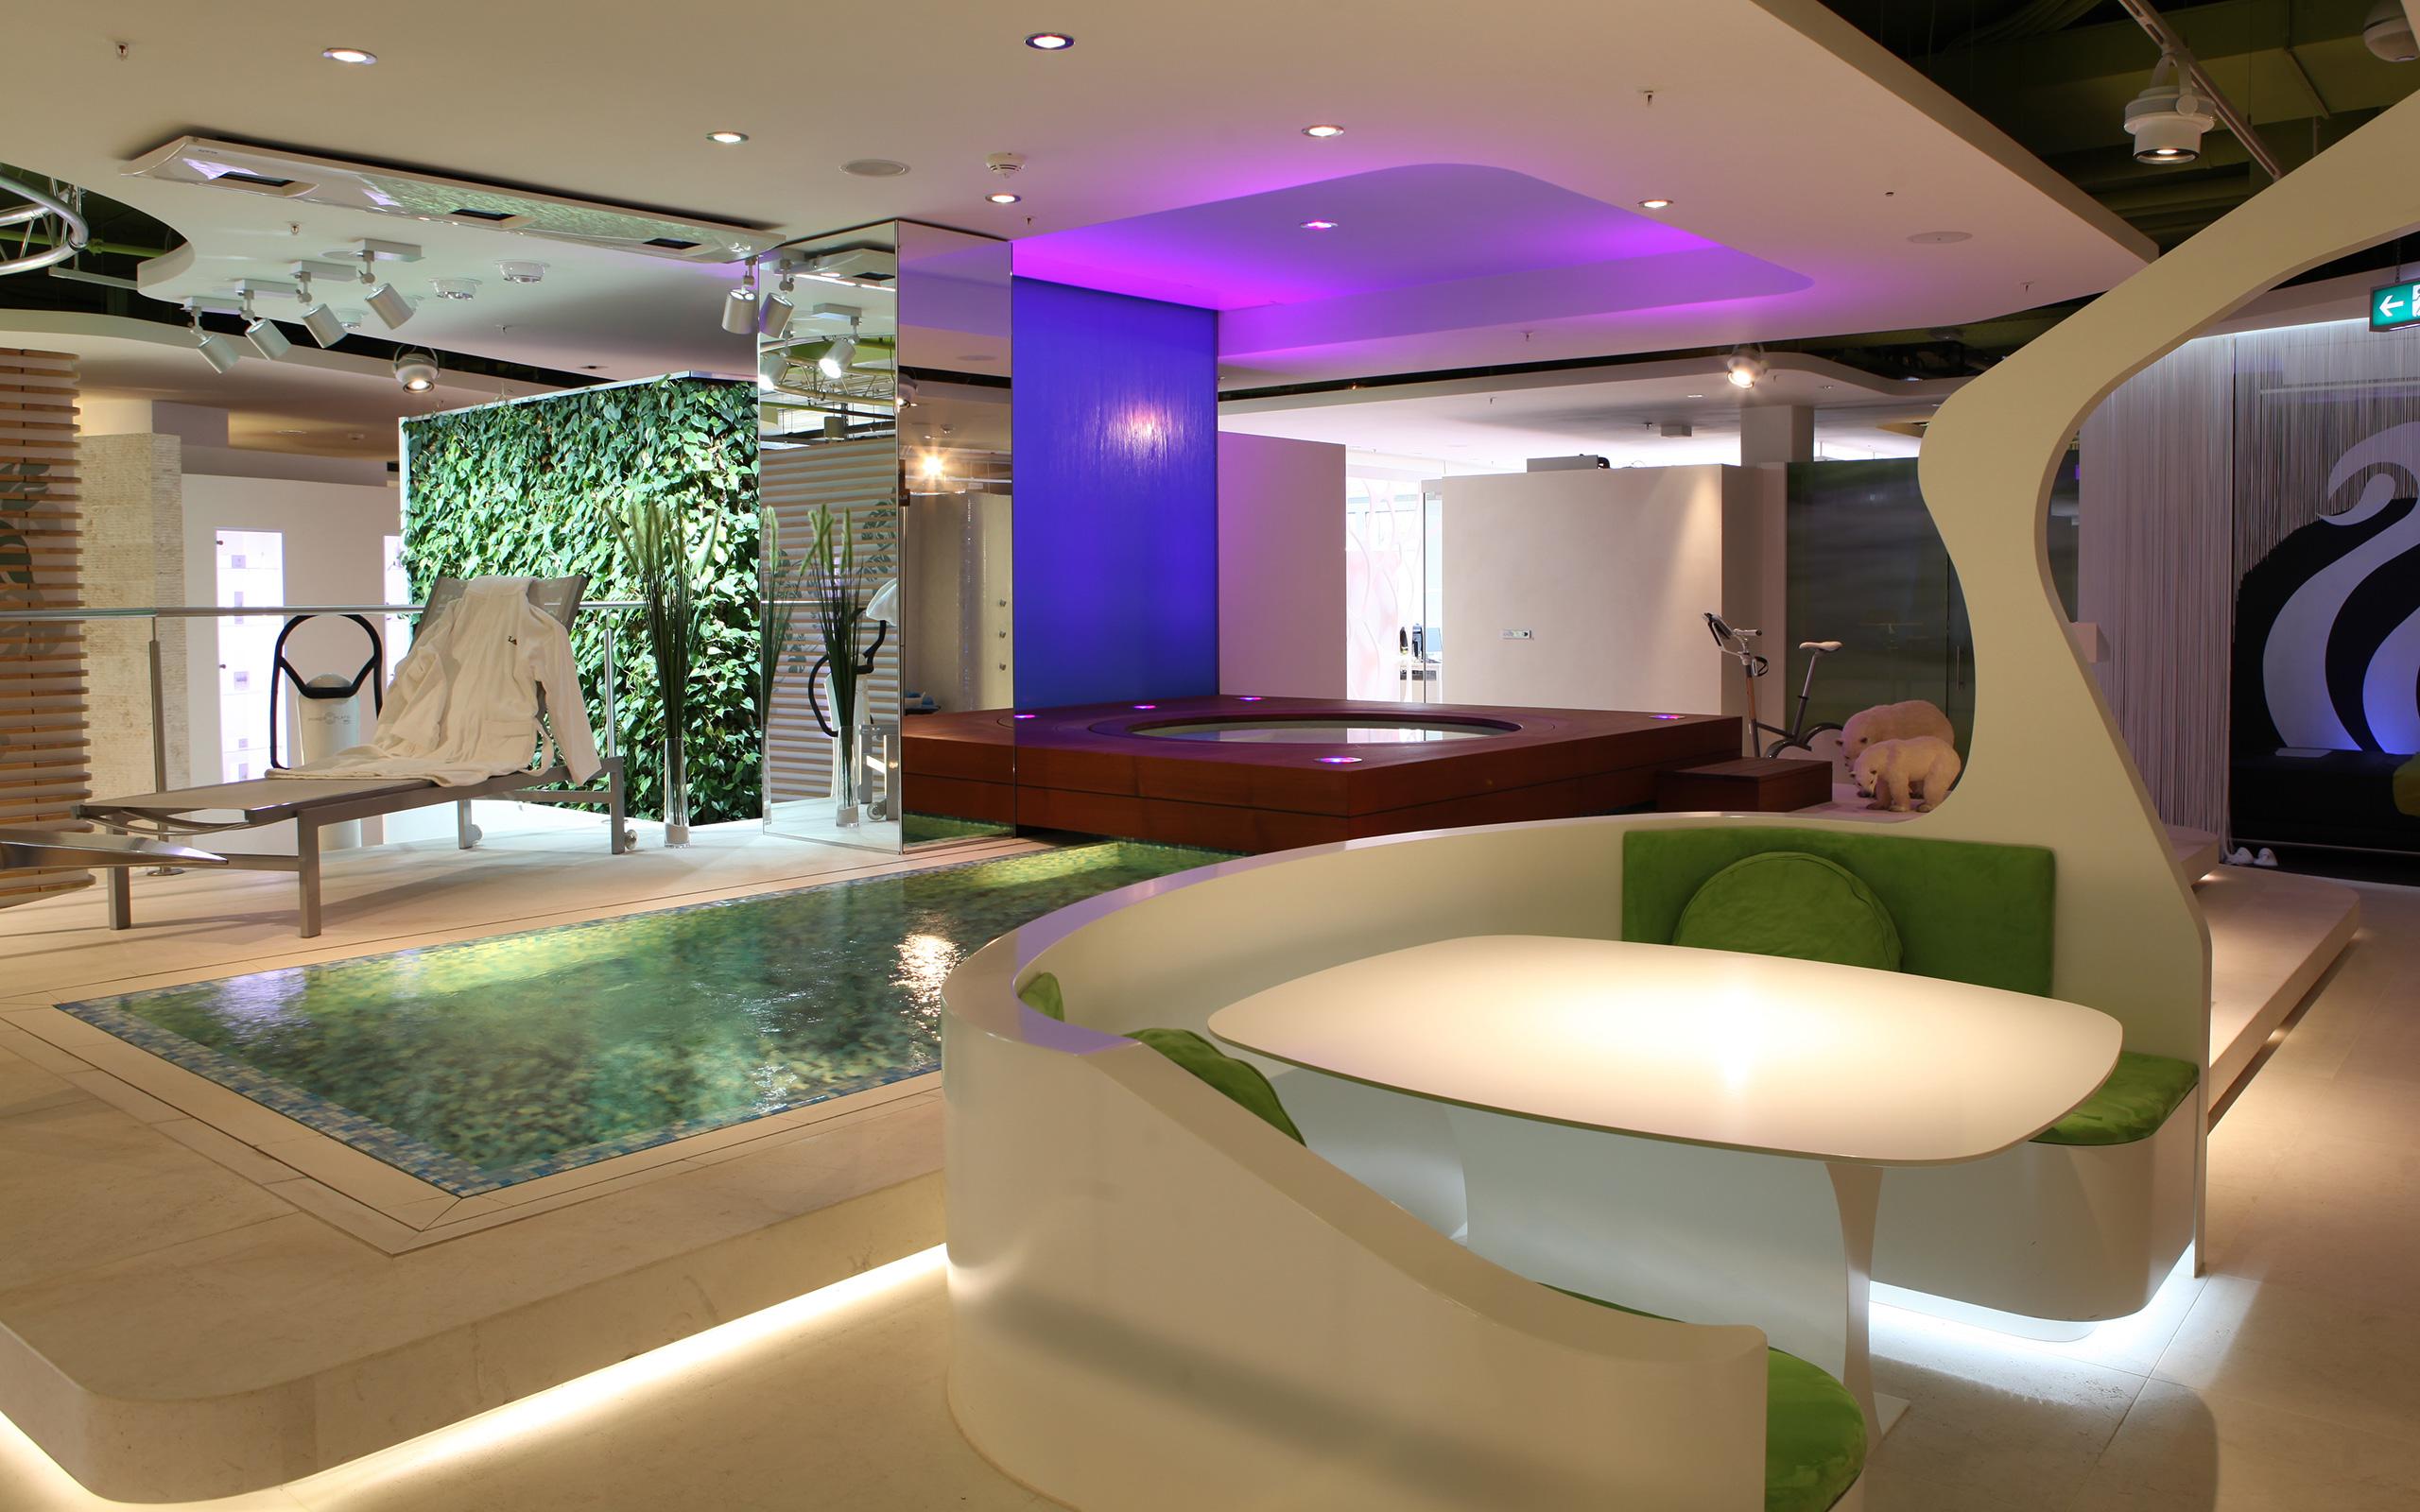 schwimmbad und pool ausstellung in der schweiz ssf pools. Black Bedroom Furniture Sets. Home Design Ideas